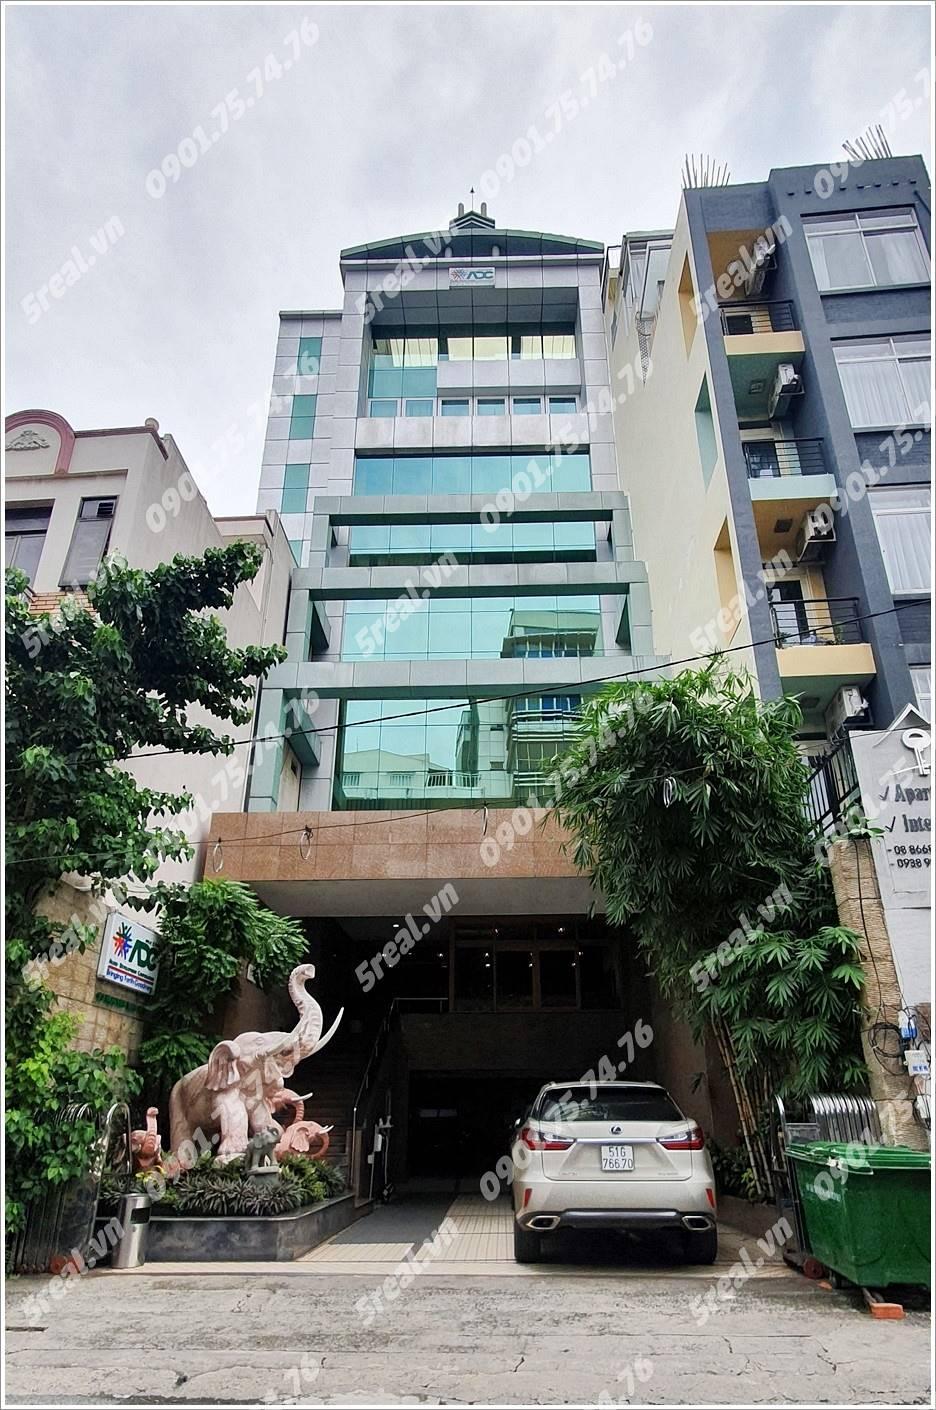 adc-building-nguyen-van-thu-quan-1-van-phong-cho-thue-5real.vn-01